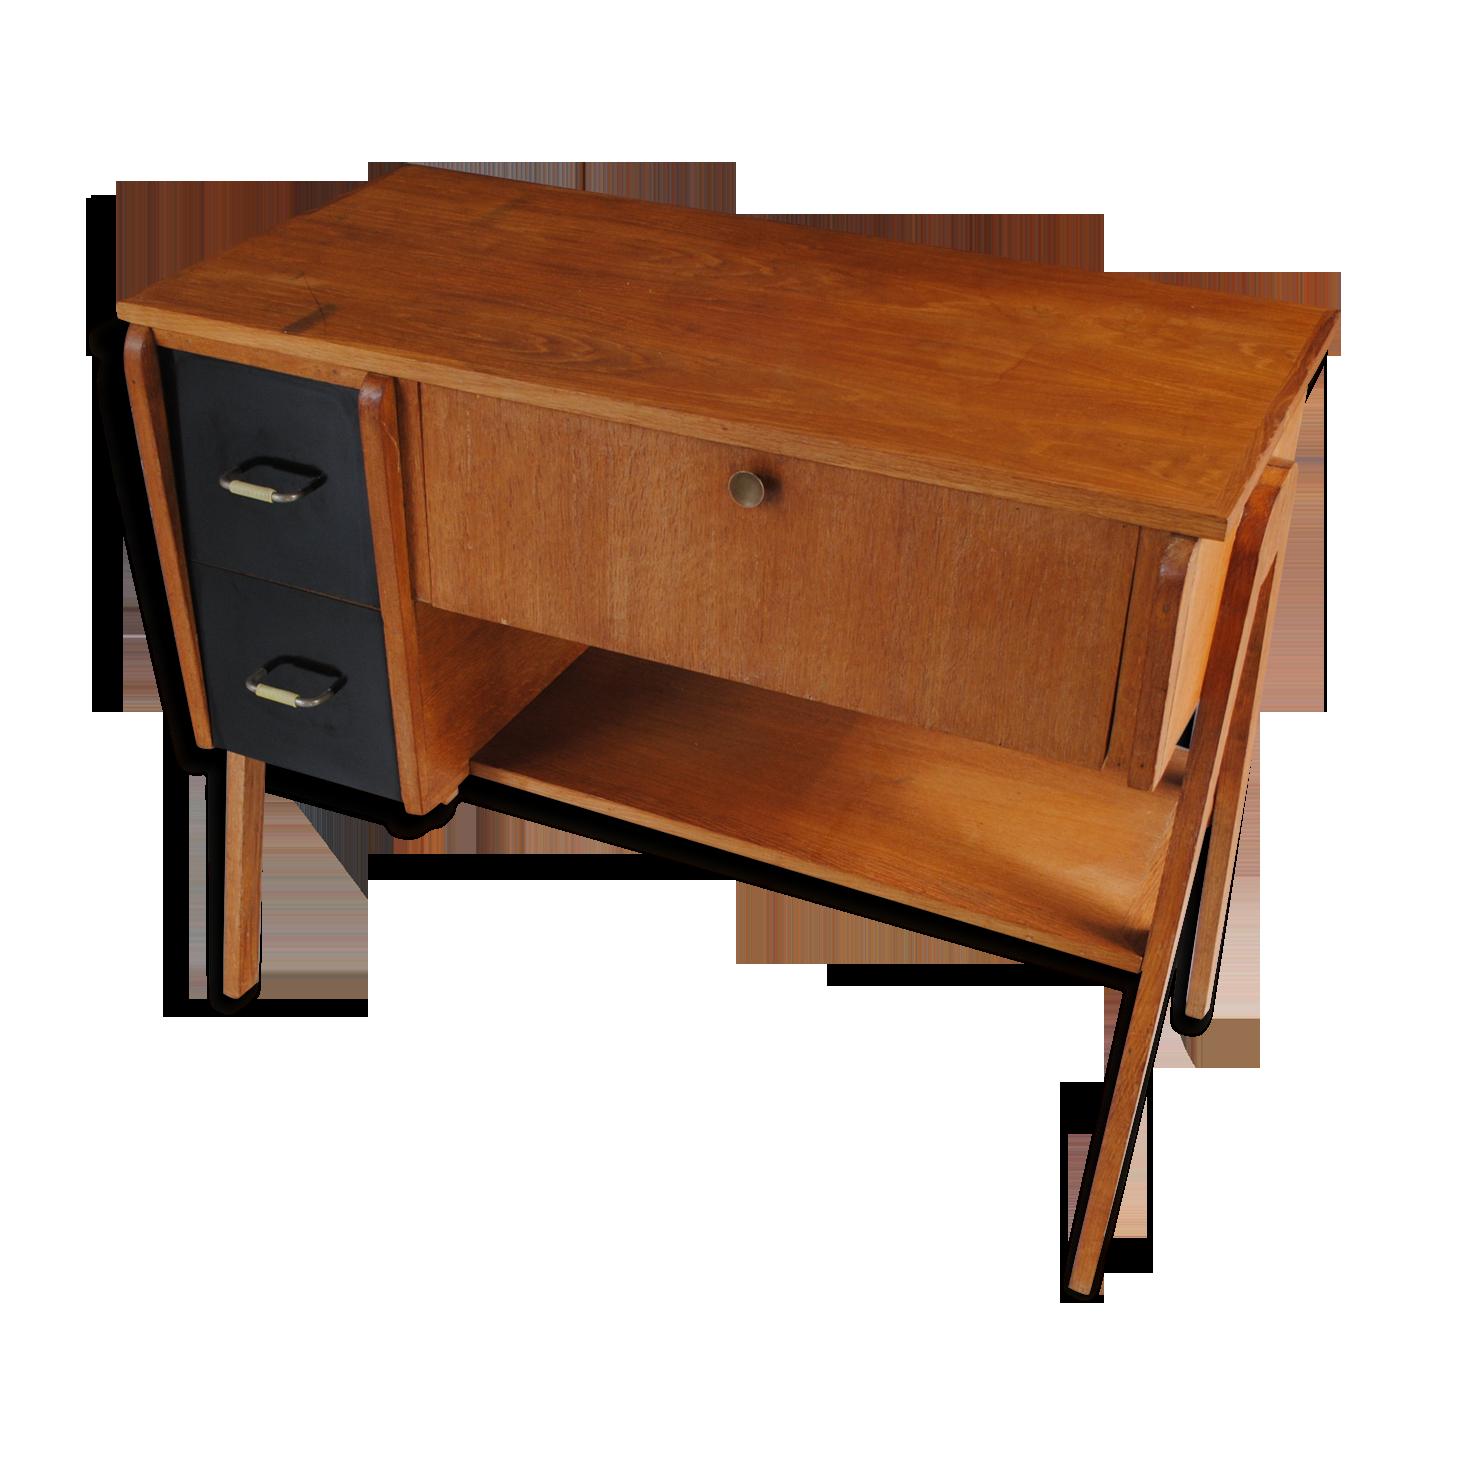 Bureau meuble de rangement année bois matériau bois